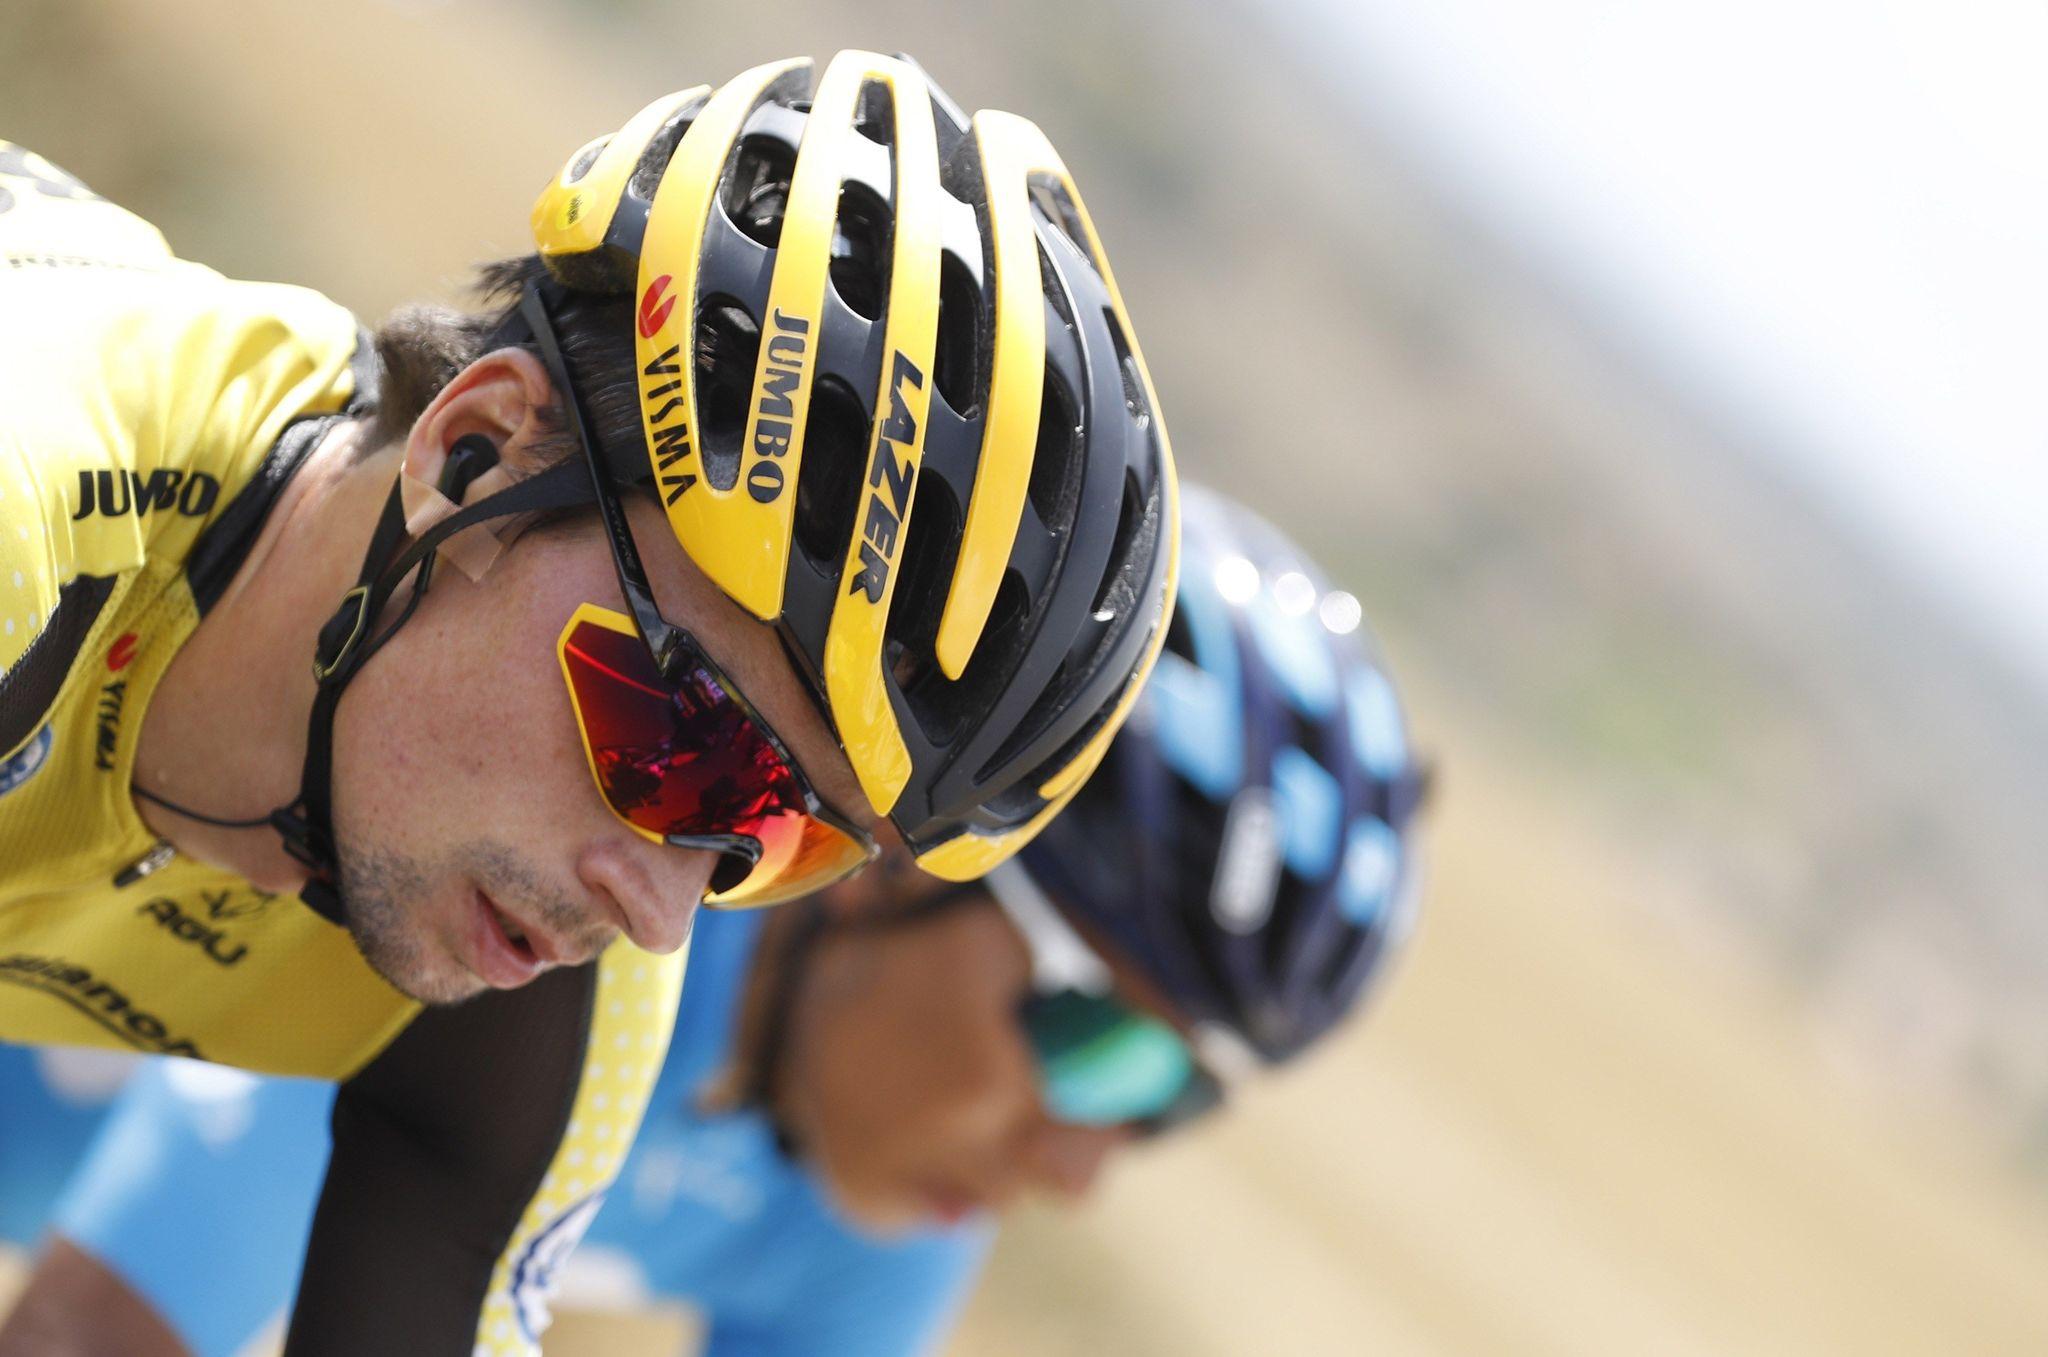 GRAF2792. VILLAFRANCA DEL CID (CASTELLÓN), 29/08/2019.- El ciclista eslovaco del equipo Jumbo Visma, Primo Roglic (i), y el colombiano del equipo Movistar, Nairo Quintana, ruedan junto al pelotón durante la sexta etapa de la <HIT>Vuelta</HIT> a España 2019, con salida en la localidad turolense de Mora de Rubielos y meta en la castellonense de Ares del Maestrat, con un recorrido de 198,9 kilómetros, en una jornada en la que el colombiano Rigoberto Urán y el británico Hugh Carthy, del EF Education First, asi como el español Víctor de la Parte (CCC), han sido los principales perjudicados de una caída masiva en el pelotón y se han visto obligados a abandonar. EFE/ Javier Lizón